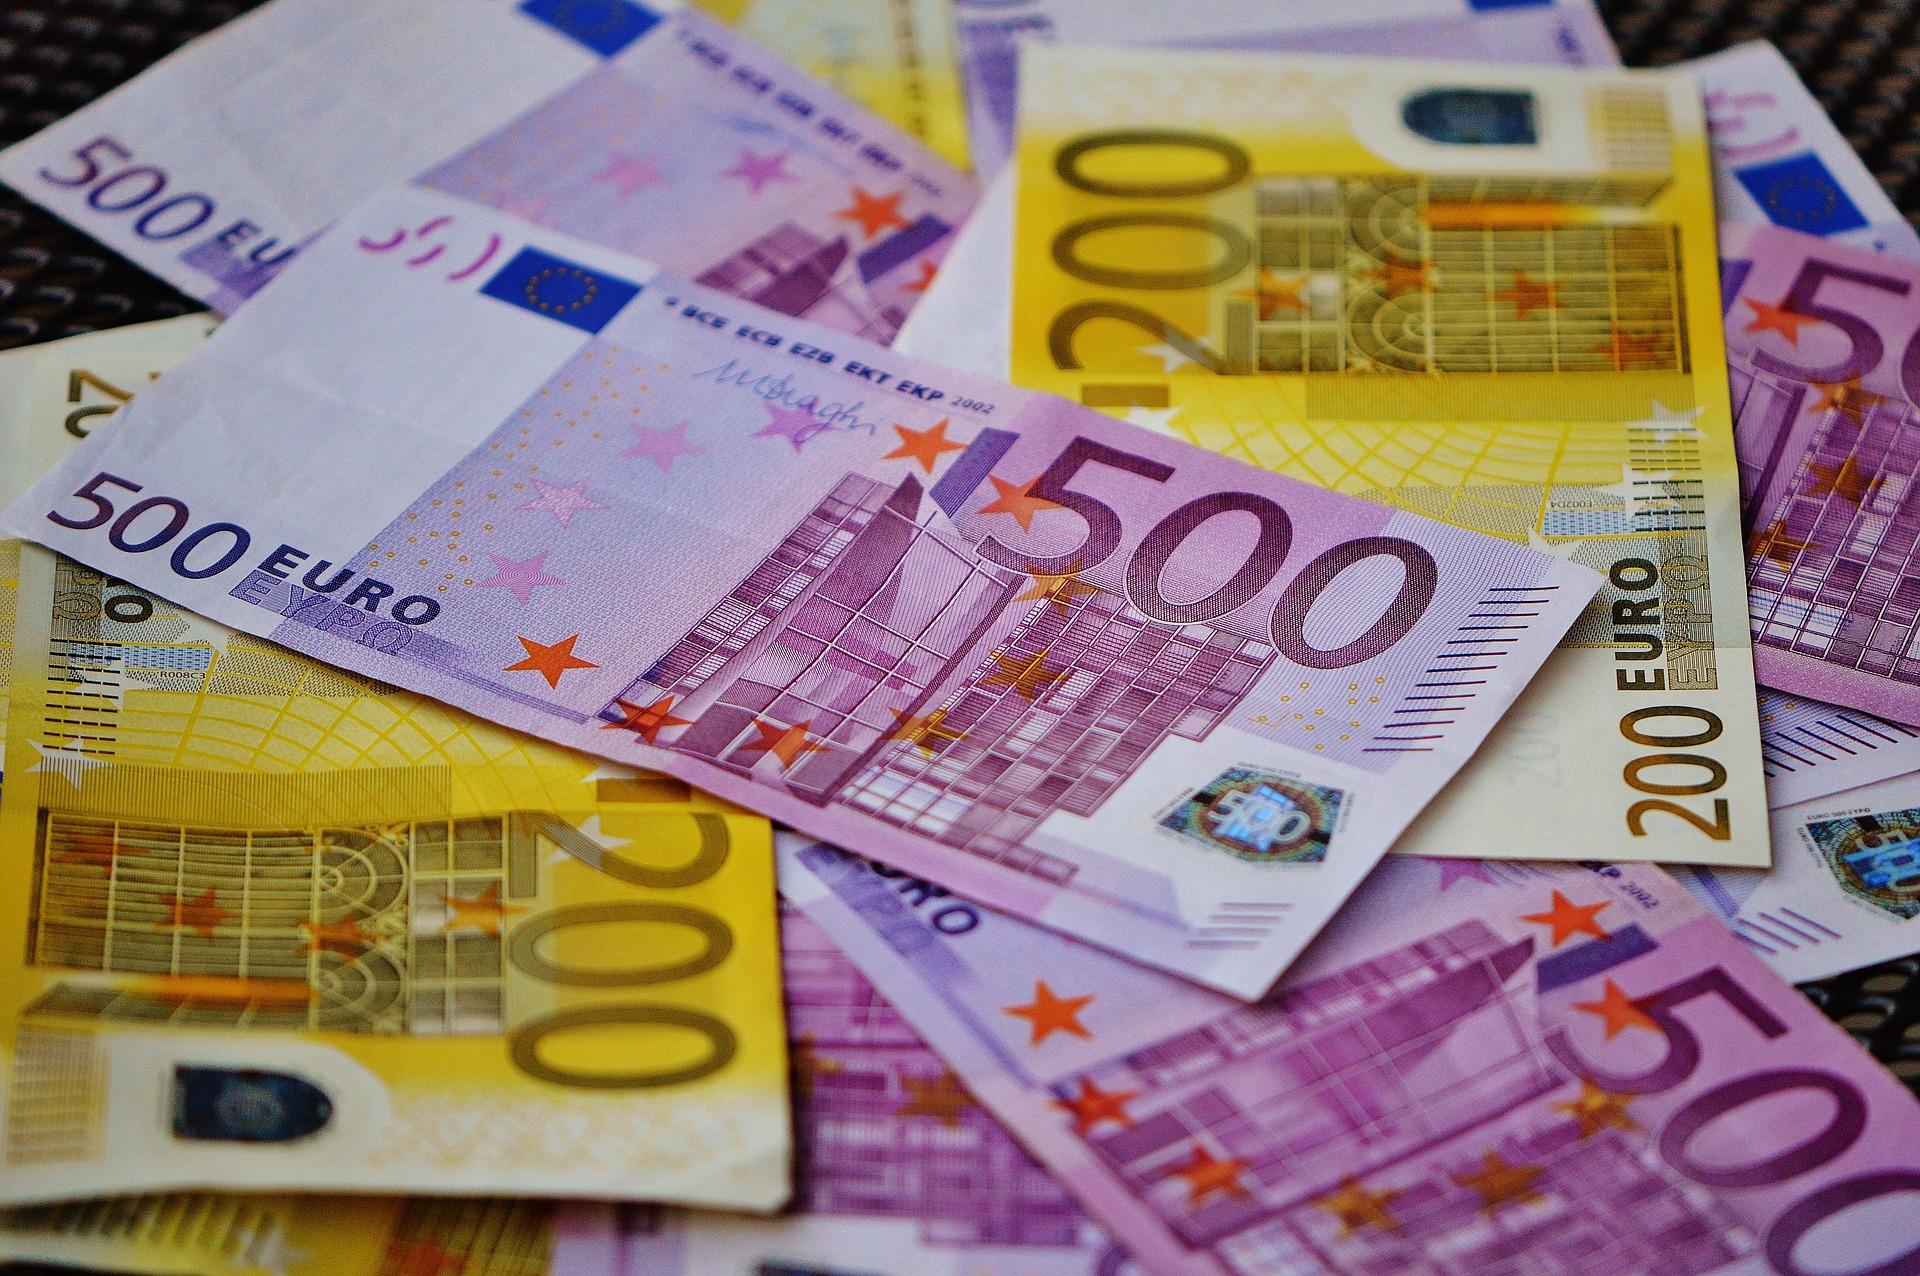 Reporte del Banco Central Europeo indica que las monedas estables no deben ser llamadas monedas estables y su presidenta afirma que un euro digital no reemplazará el efectivo